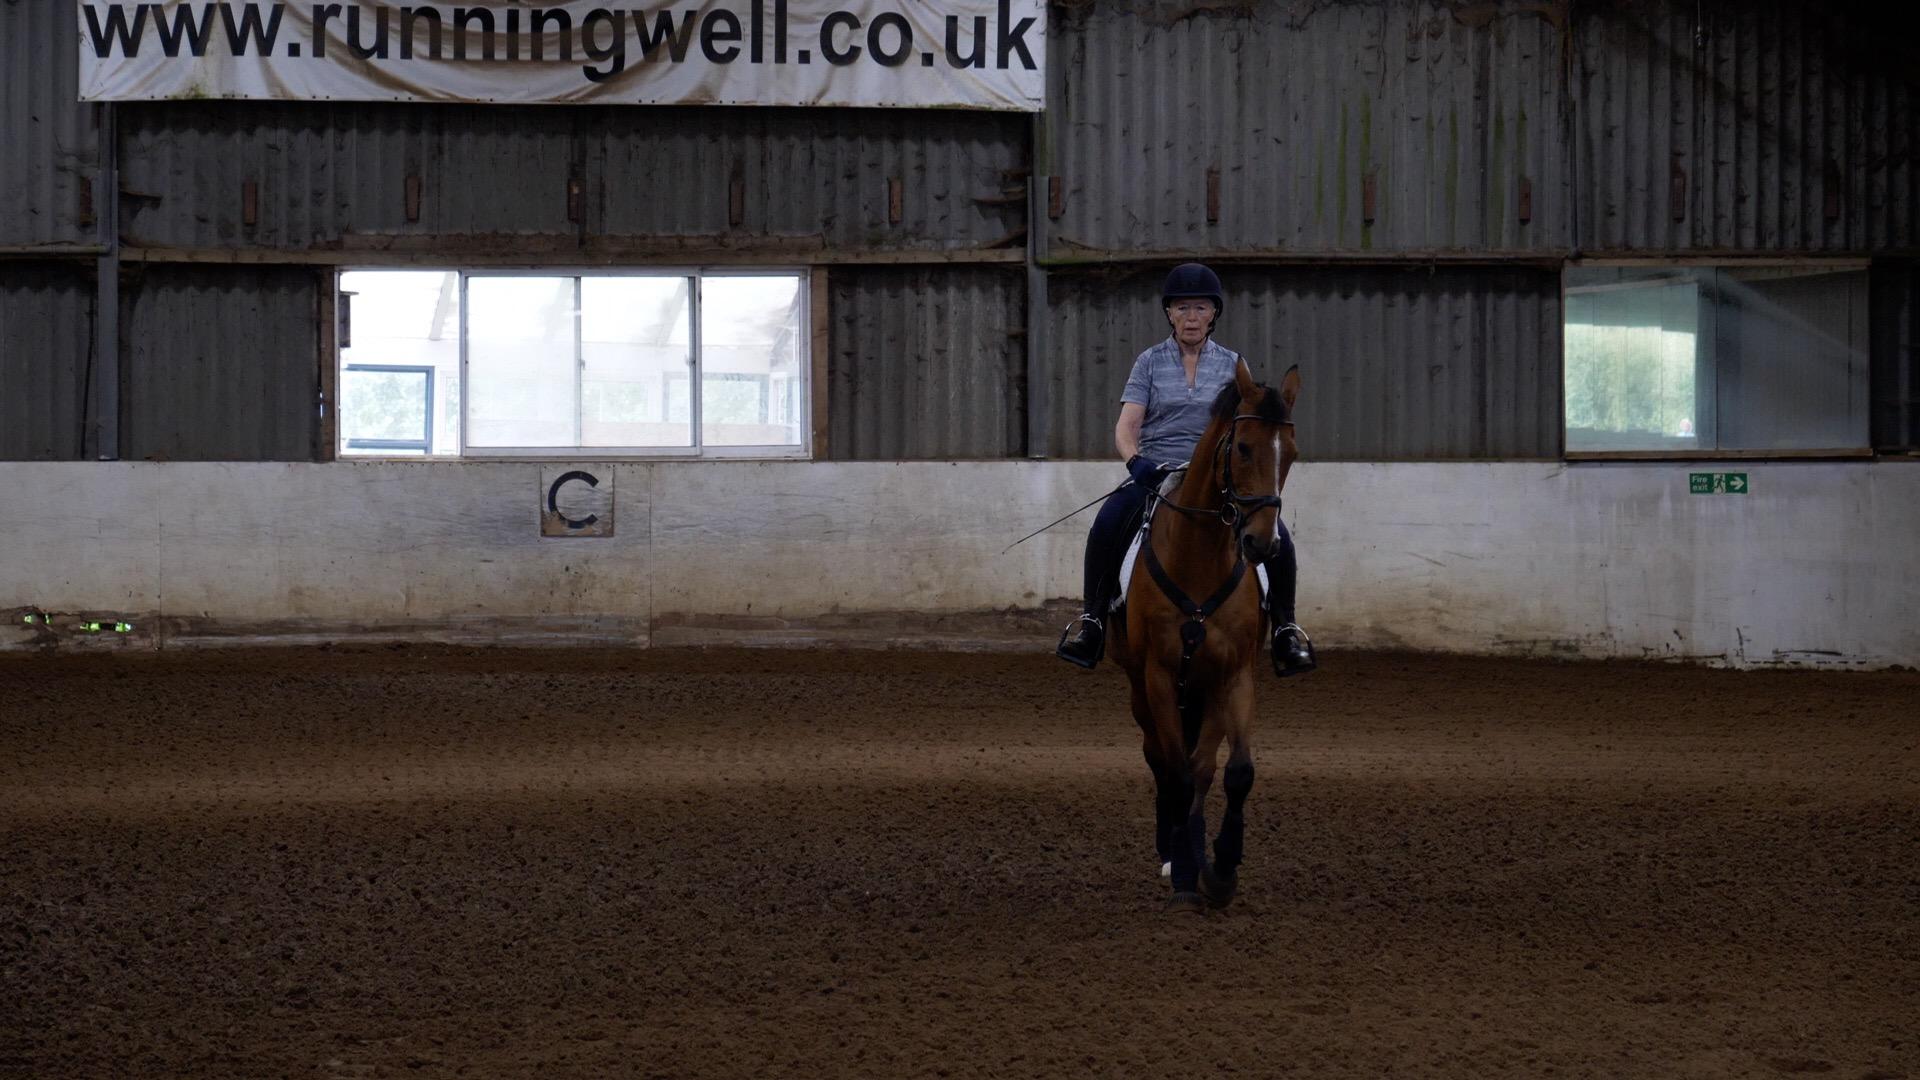 Runningwell Equestrian Centre Video.jpg